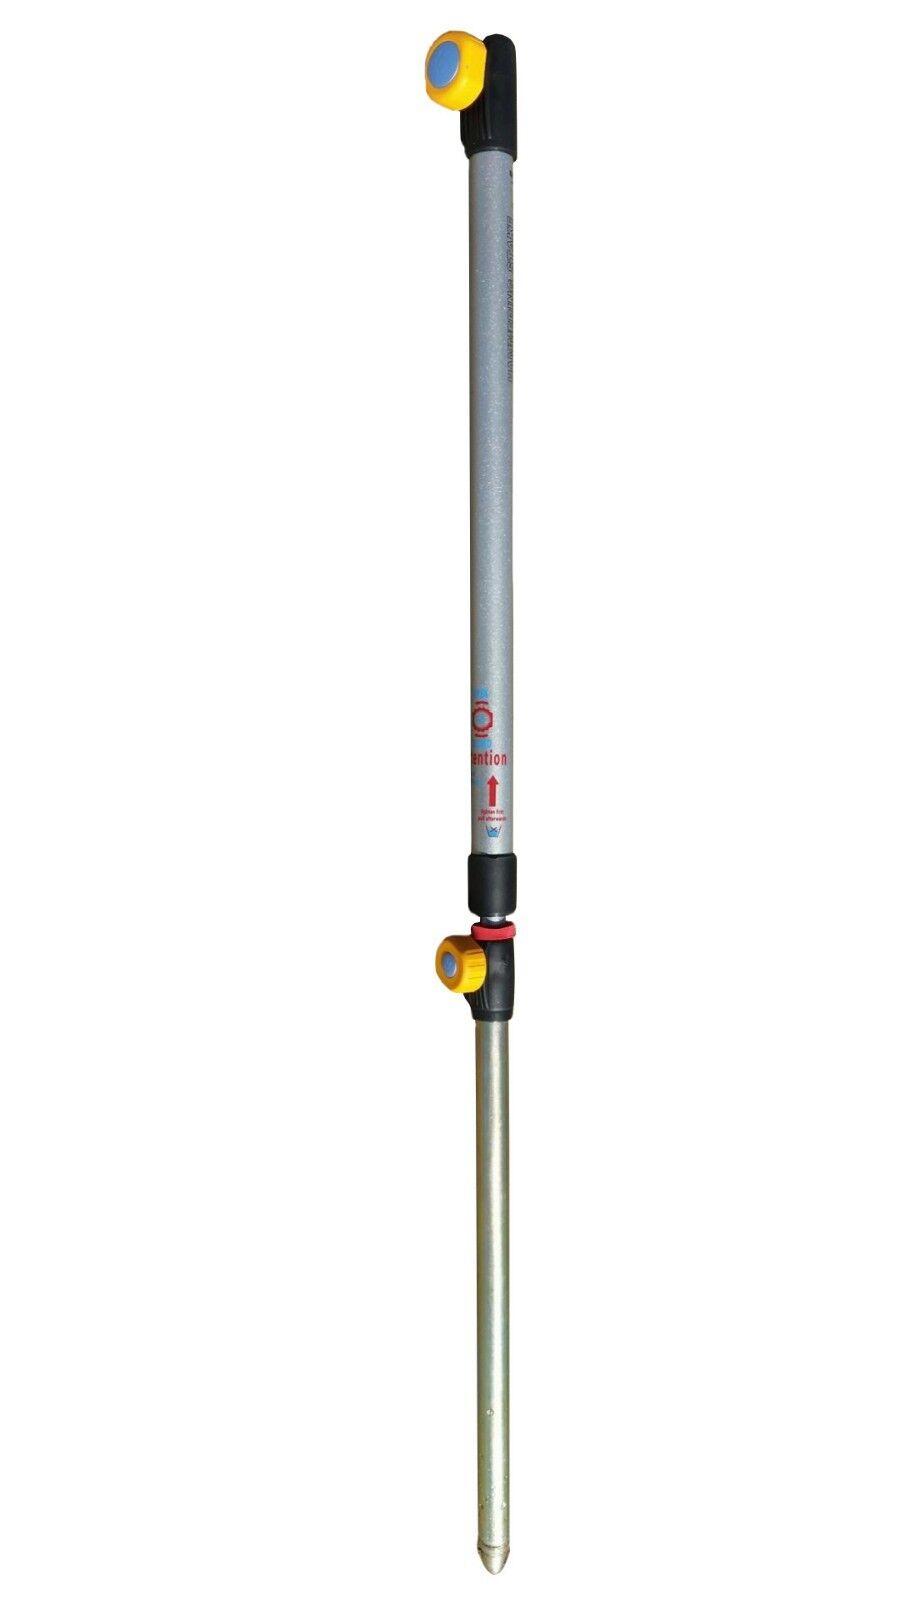 consegna gratuita Maffei Supporto ombrelloni ombrelloni ombrelloni spiaggia d. 28 cm  bellissima